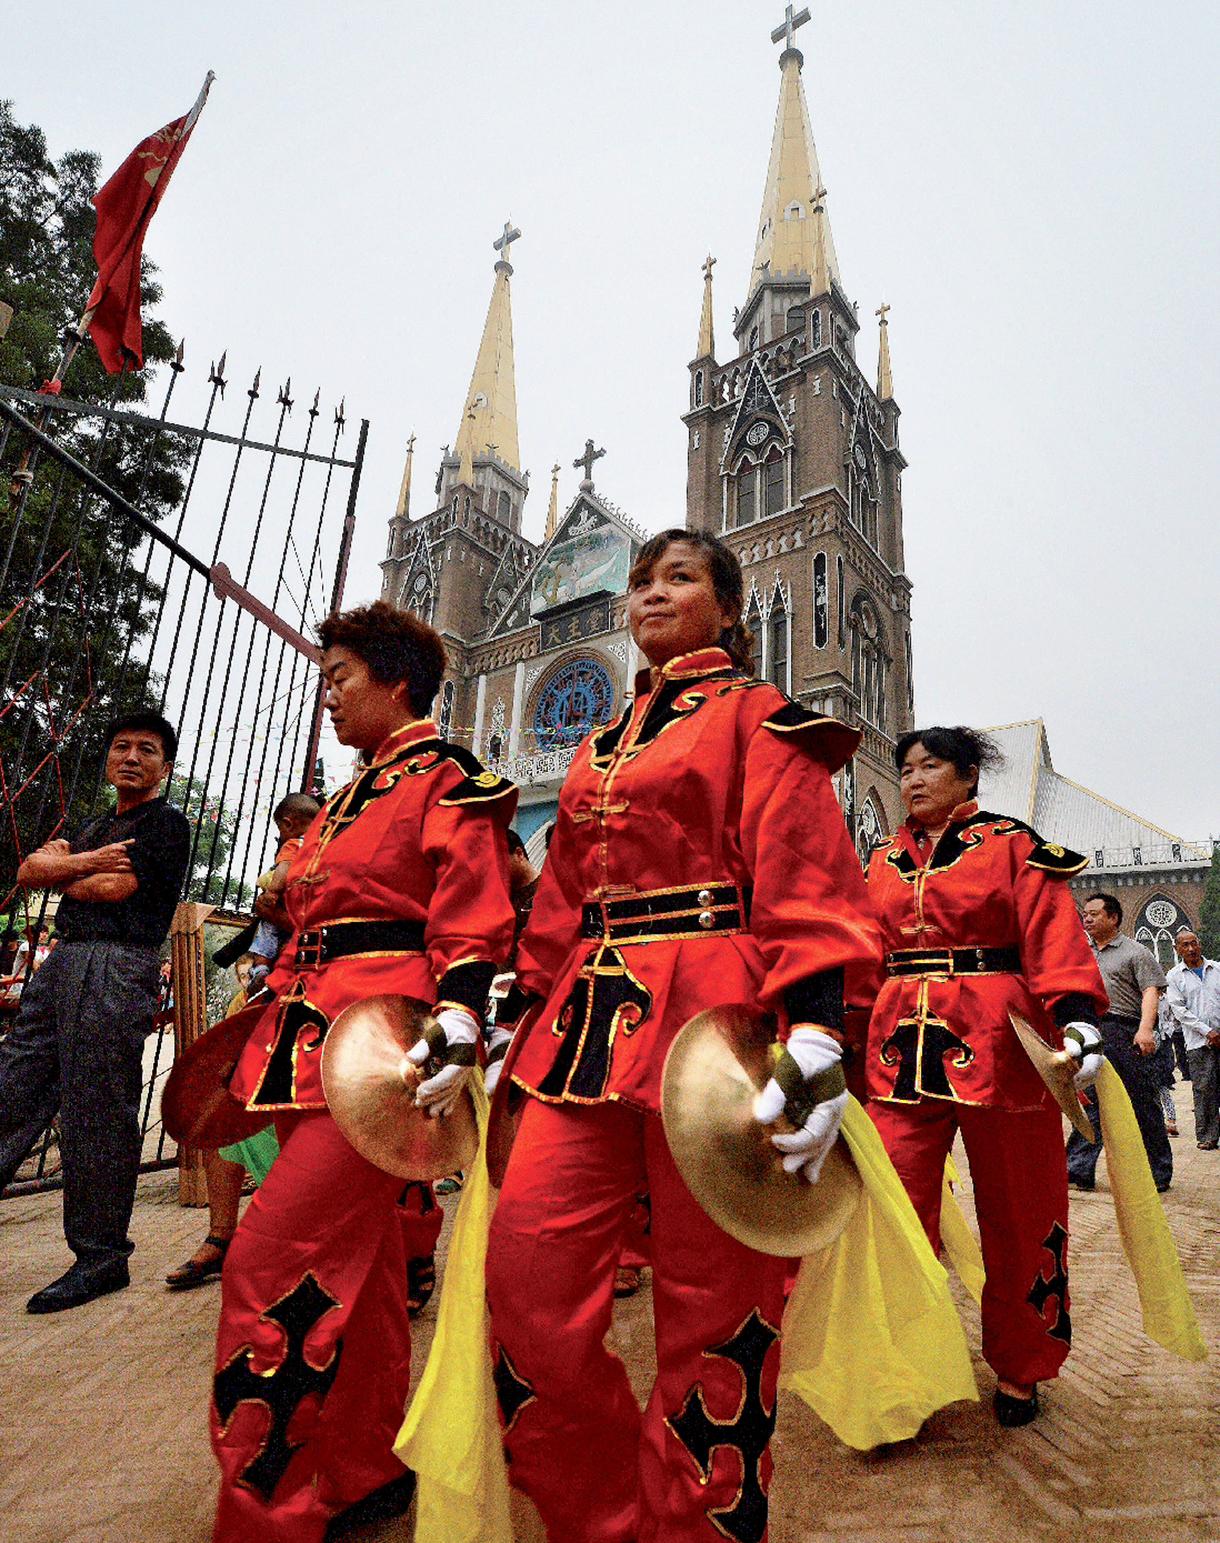 Une procession en l'honneur de la Vierge Marie part du sanctuaire de Donglü, le 26 mai 2013